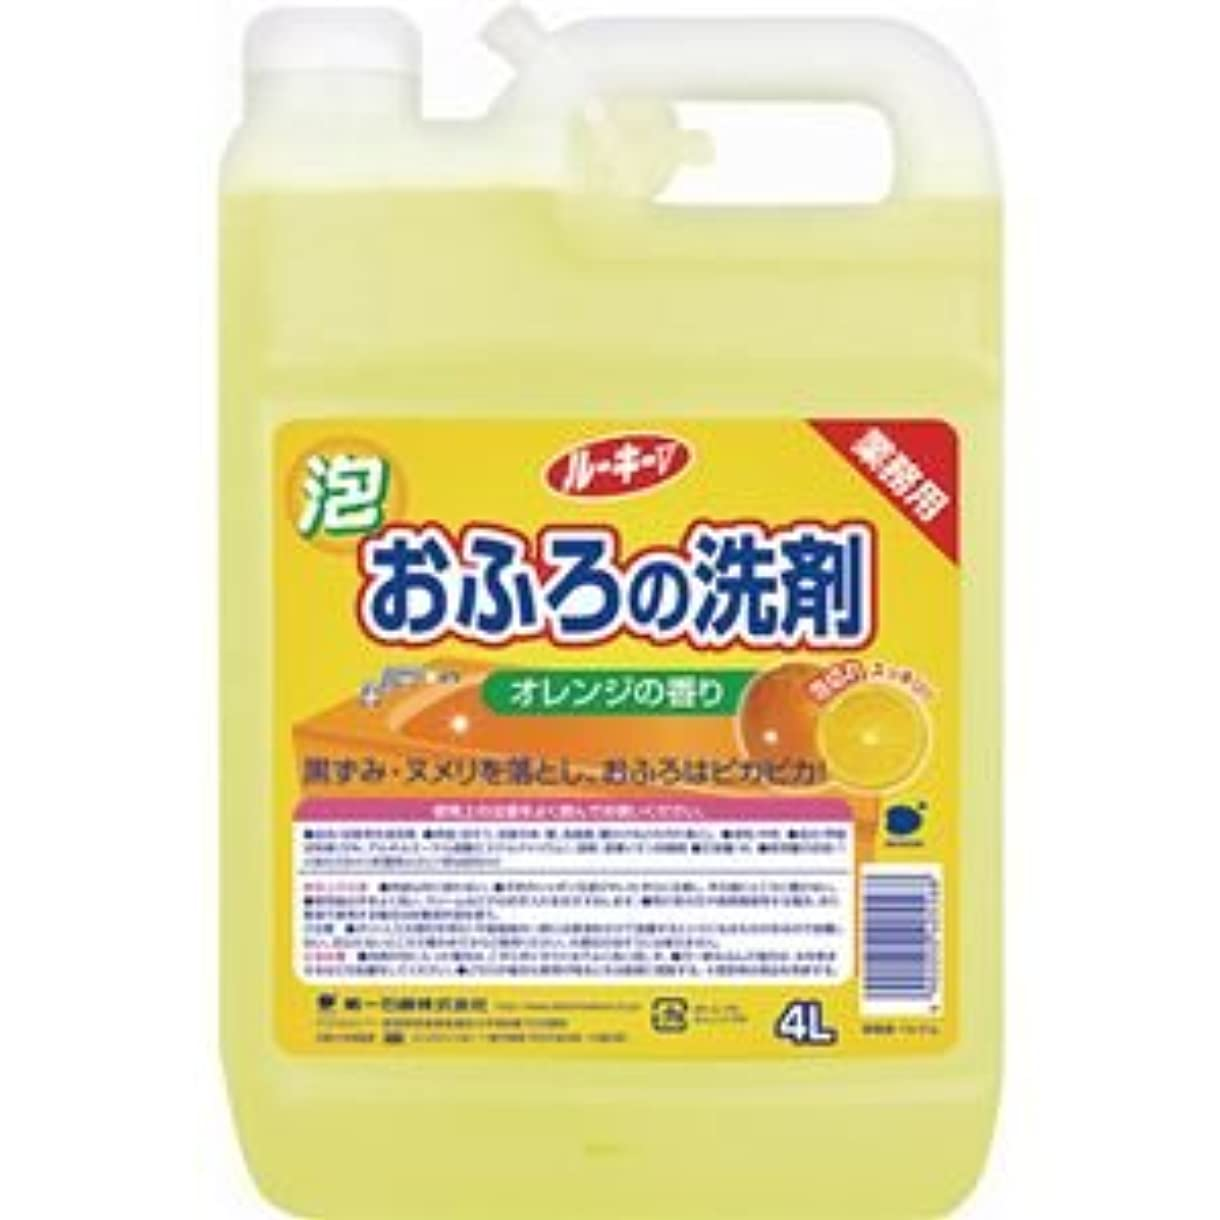 量で規範権威(まとめ) 第一石鹸 ルーキーV おふろ洗剤 業務用 4L 1本 【×5セット】